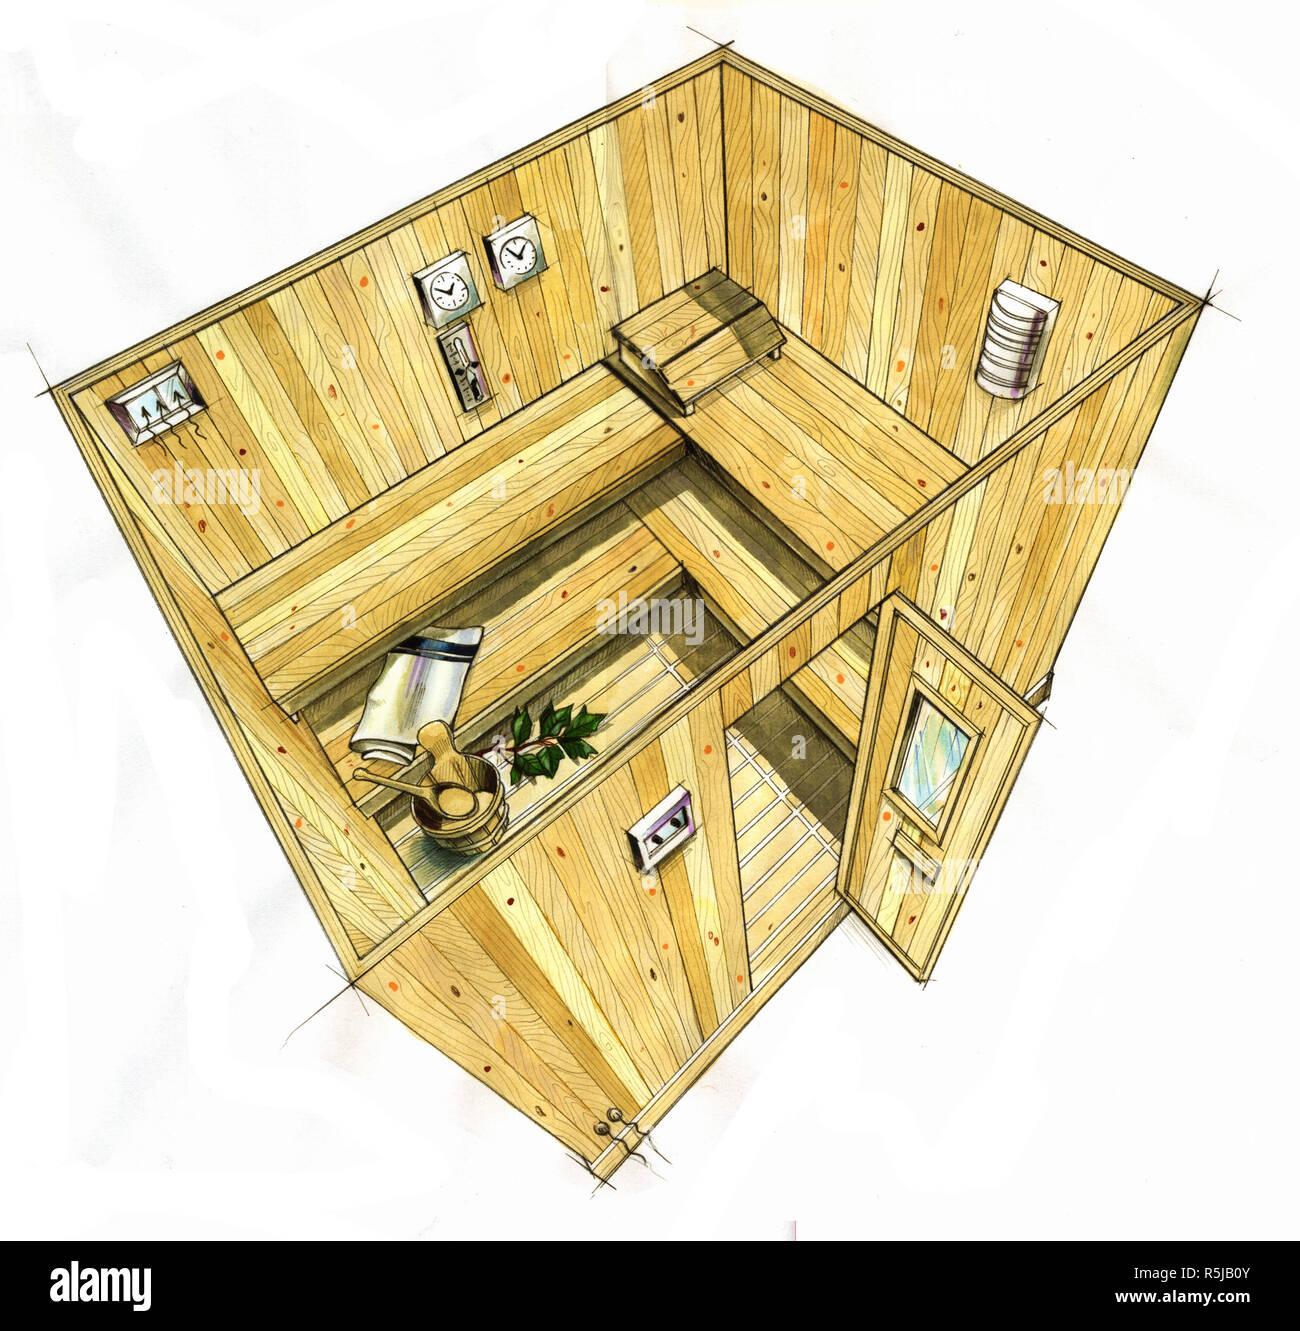 Prix D Un Sauna aquarelle illustration faite à la main d'un sauna en bois